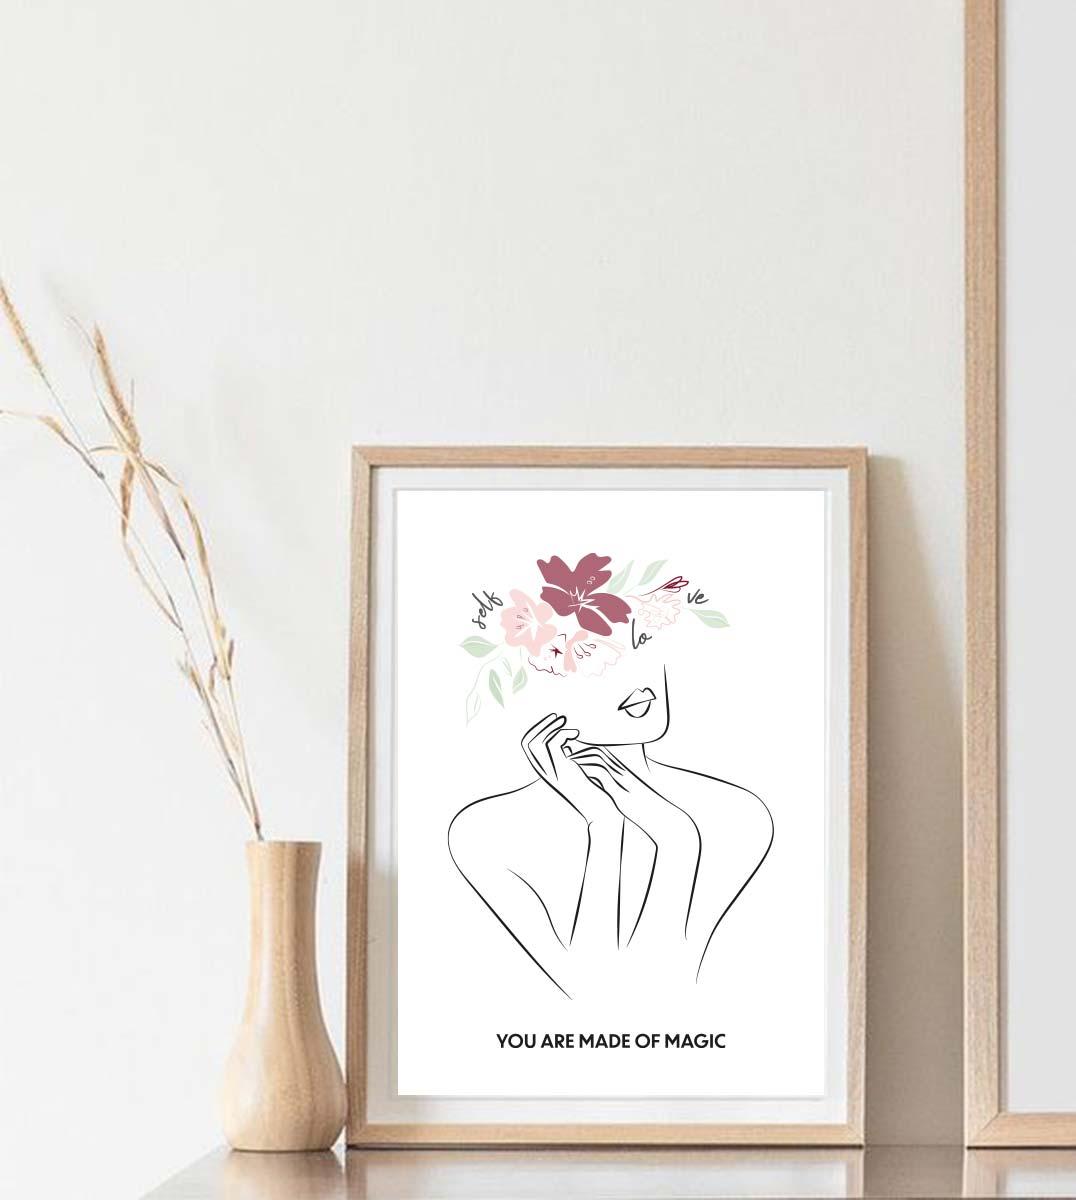 affiche avec le visuelle selflove sur cadre en bois